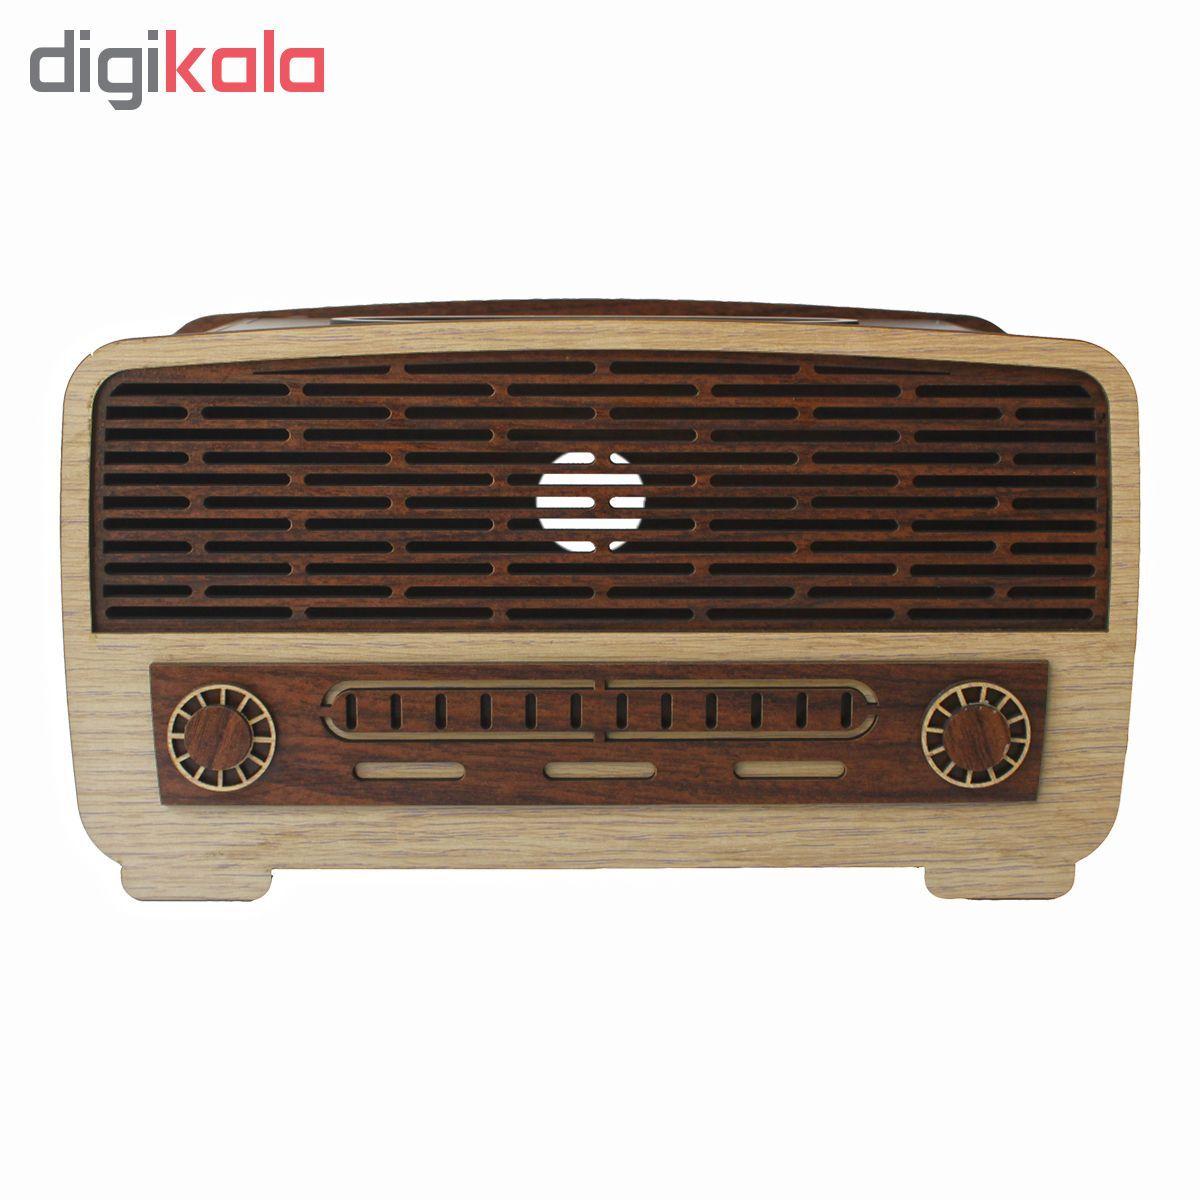 جعبه دستمال کاغذی طرح رادیو کد drk1 main 1 1